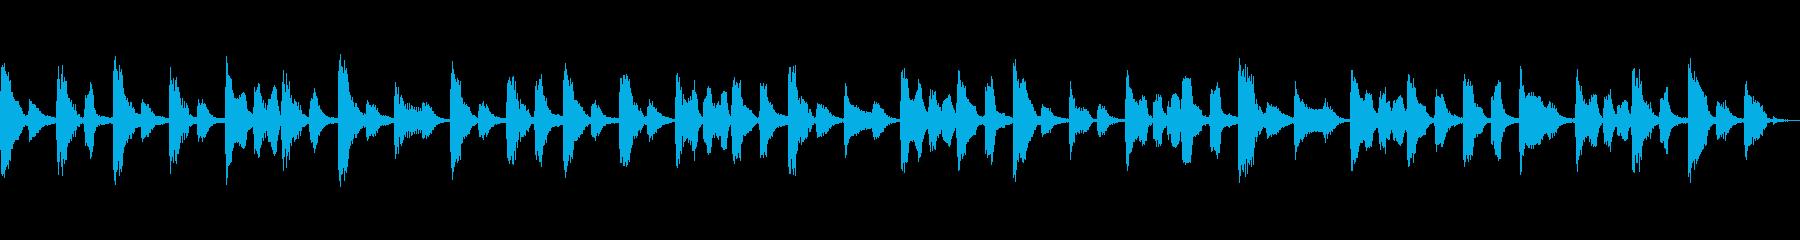 シンプルでメロディーのある、ポジテ...の再生済みの波形